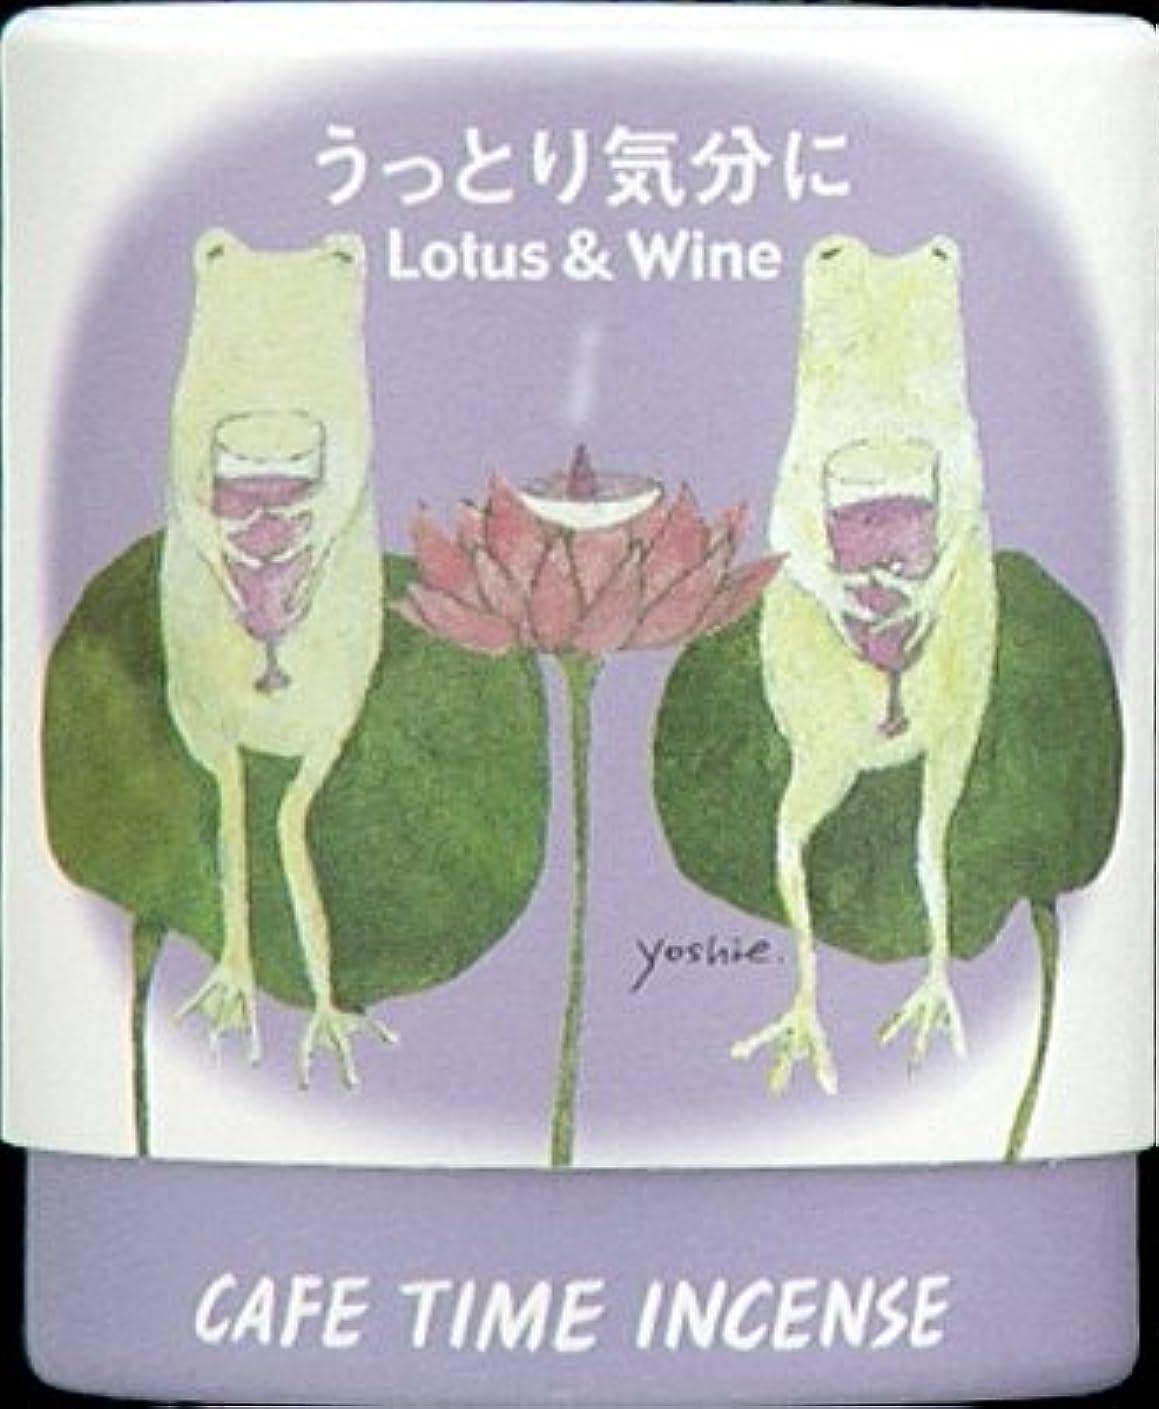 困惑満足させる鎮痛剤日本香堂 カフェタイム インセンス うっとり気分に コーン 10個入 (お香)×144点セット (4902125333024)